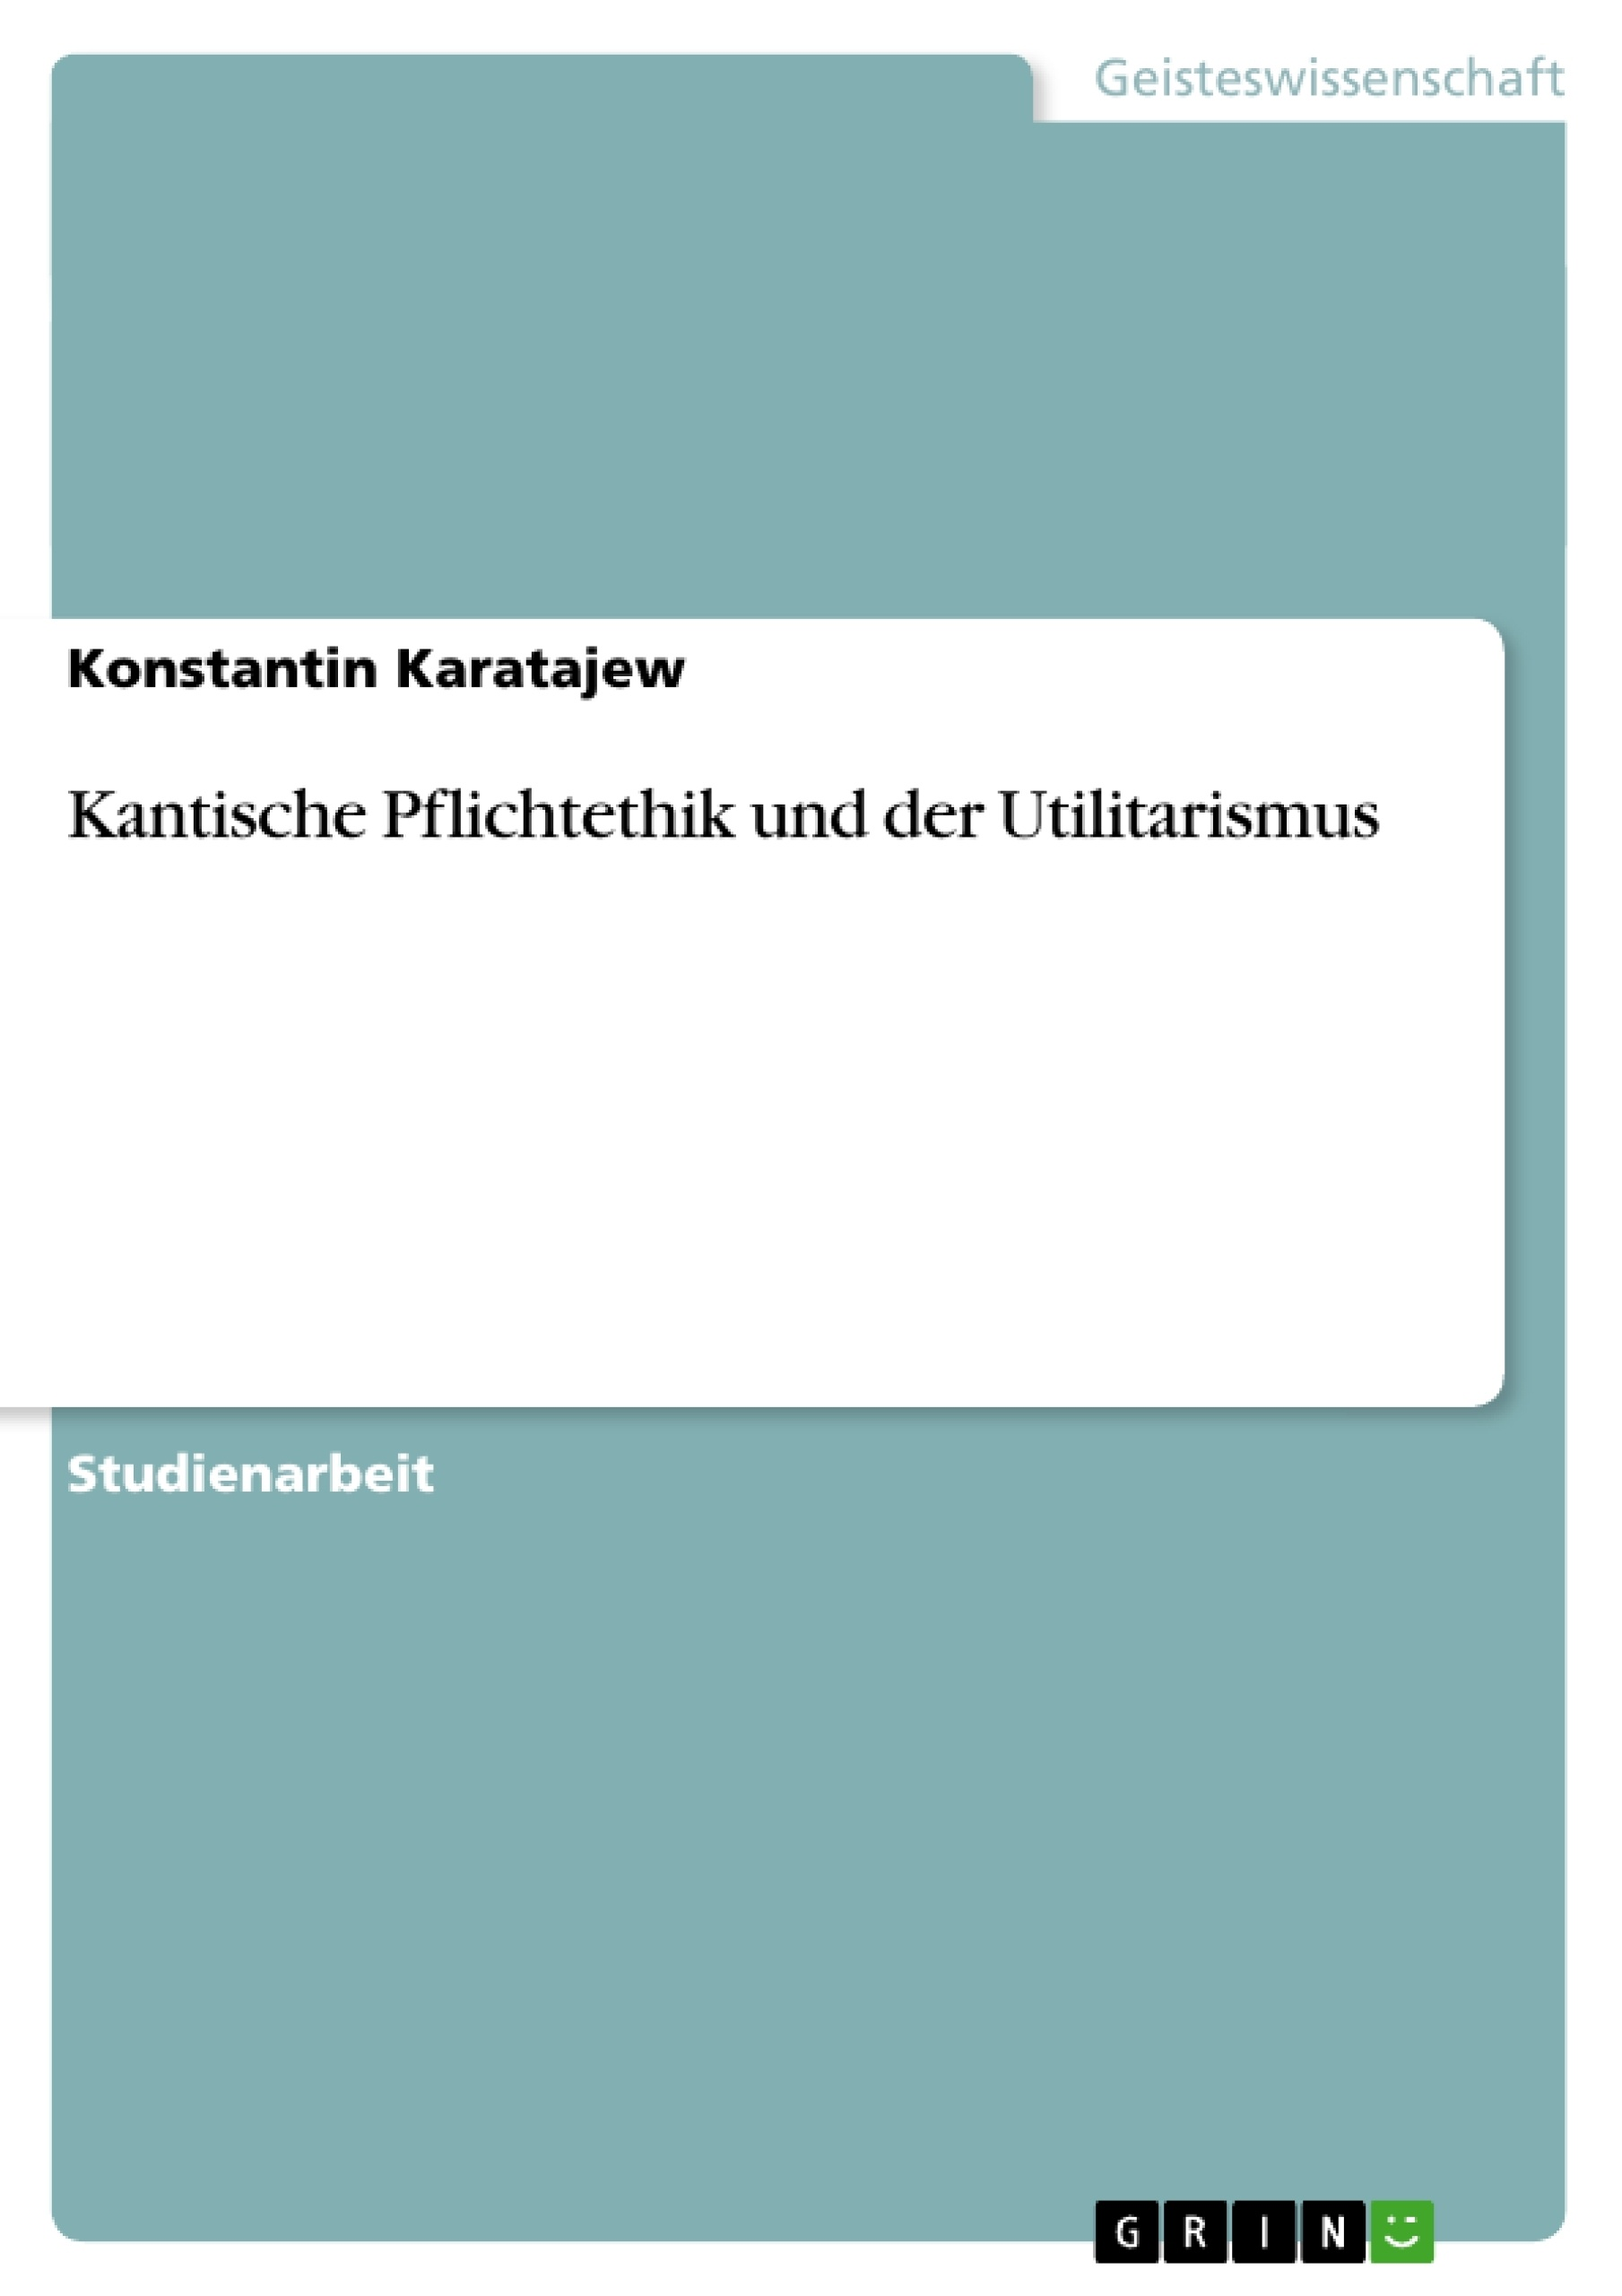 Titel: Kantische Pflichtethik und der Utilitarismus